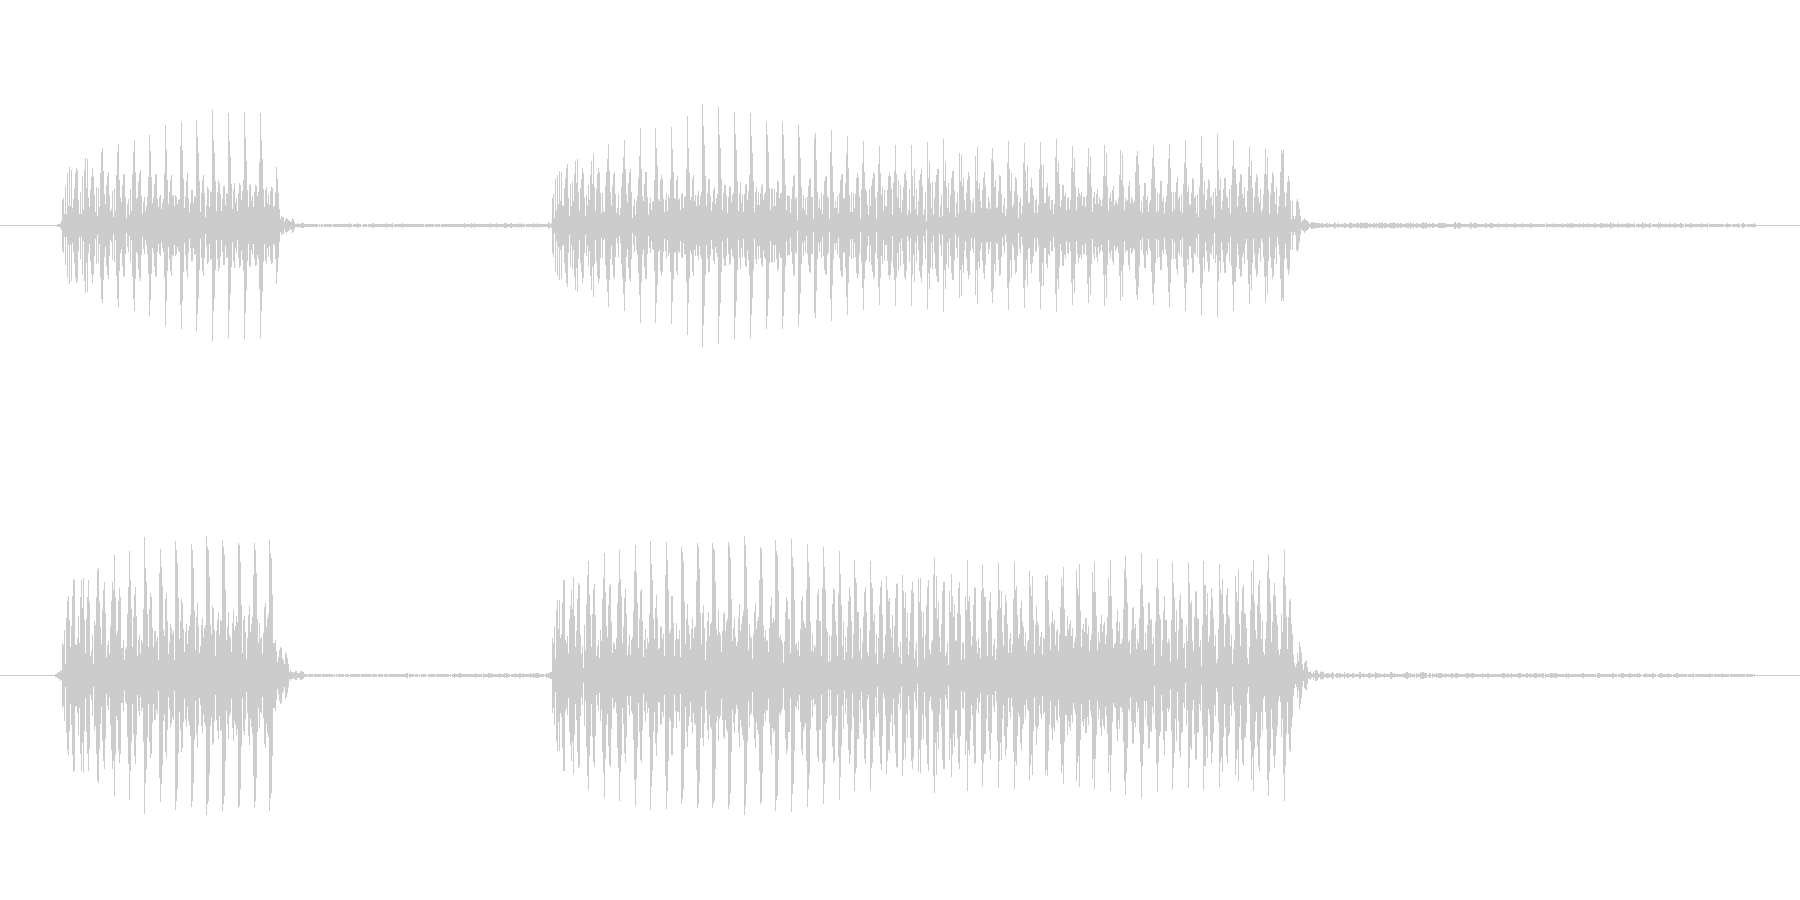 ゲーム、クイズ(ブー音)_012の未再生の波形